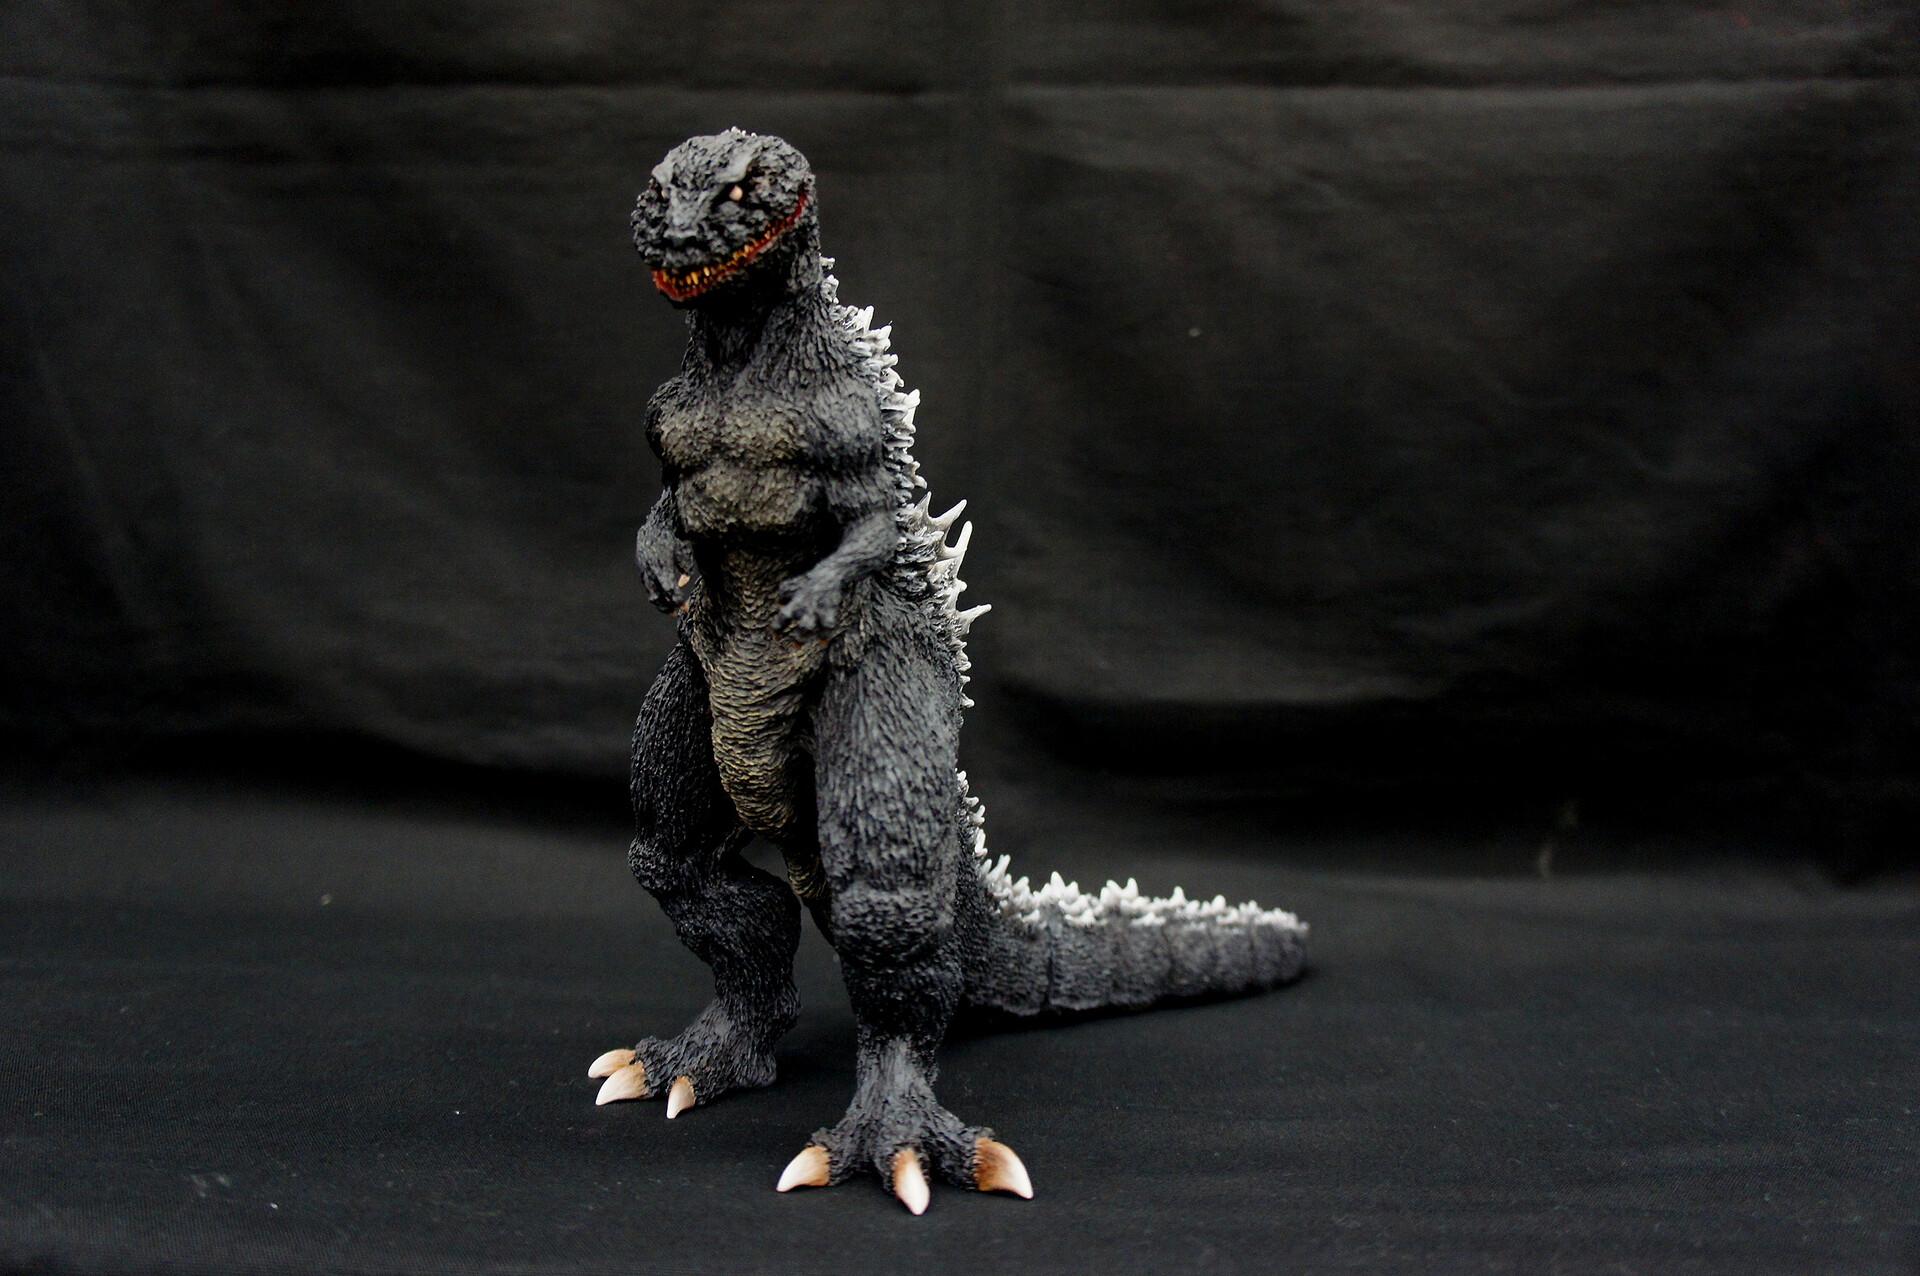 mage Version 1954 Godzilla Art Statue イメージ 初代ゴジラ